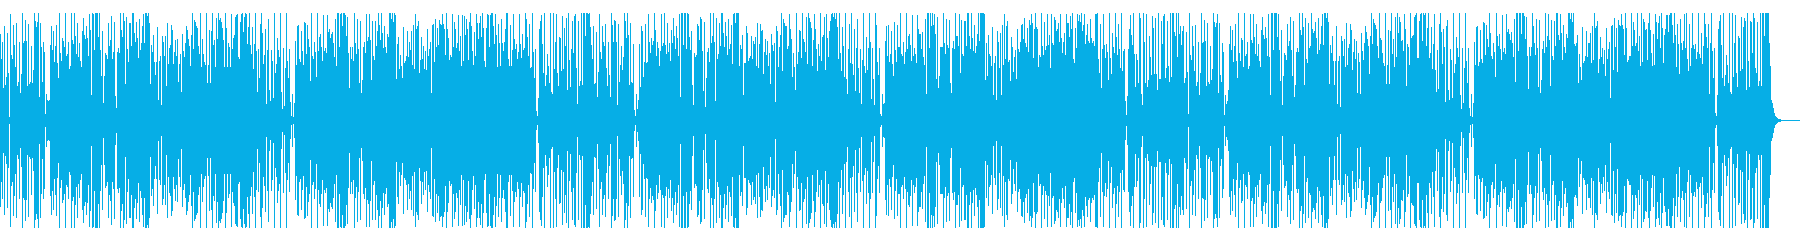 昭和系ドラマでかかりそうなファンク系楽曲の再生済みの波形